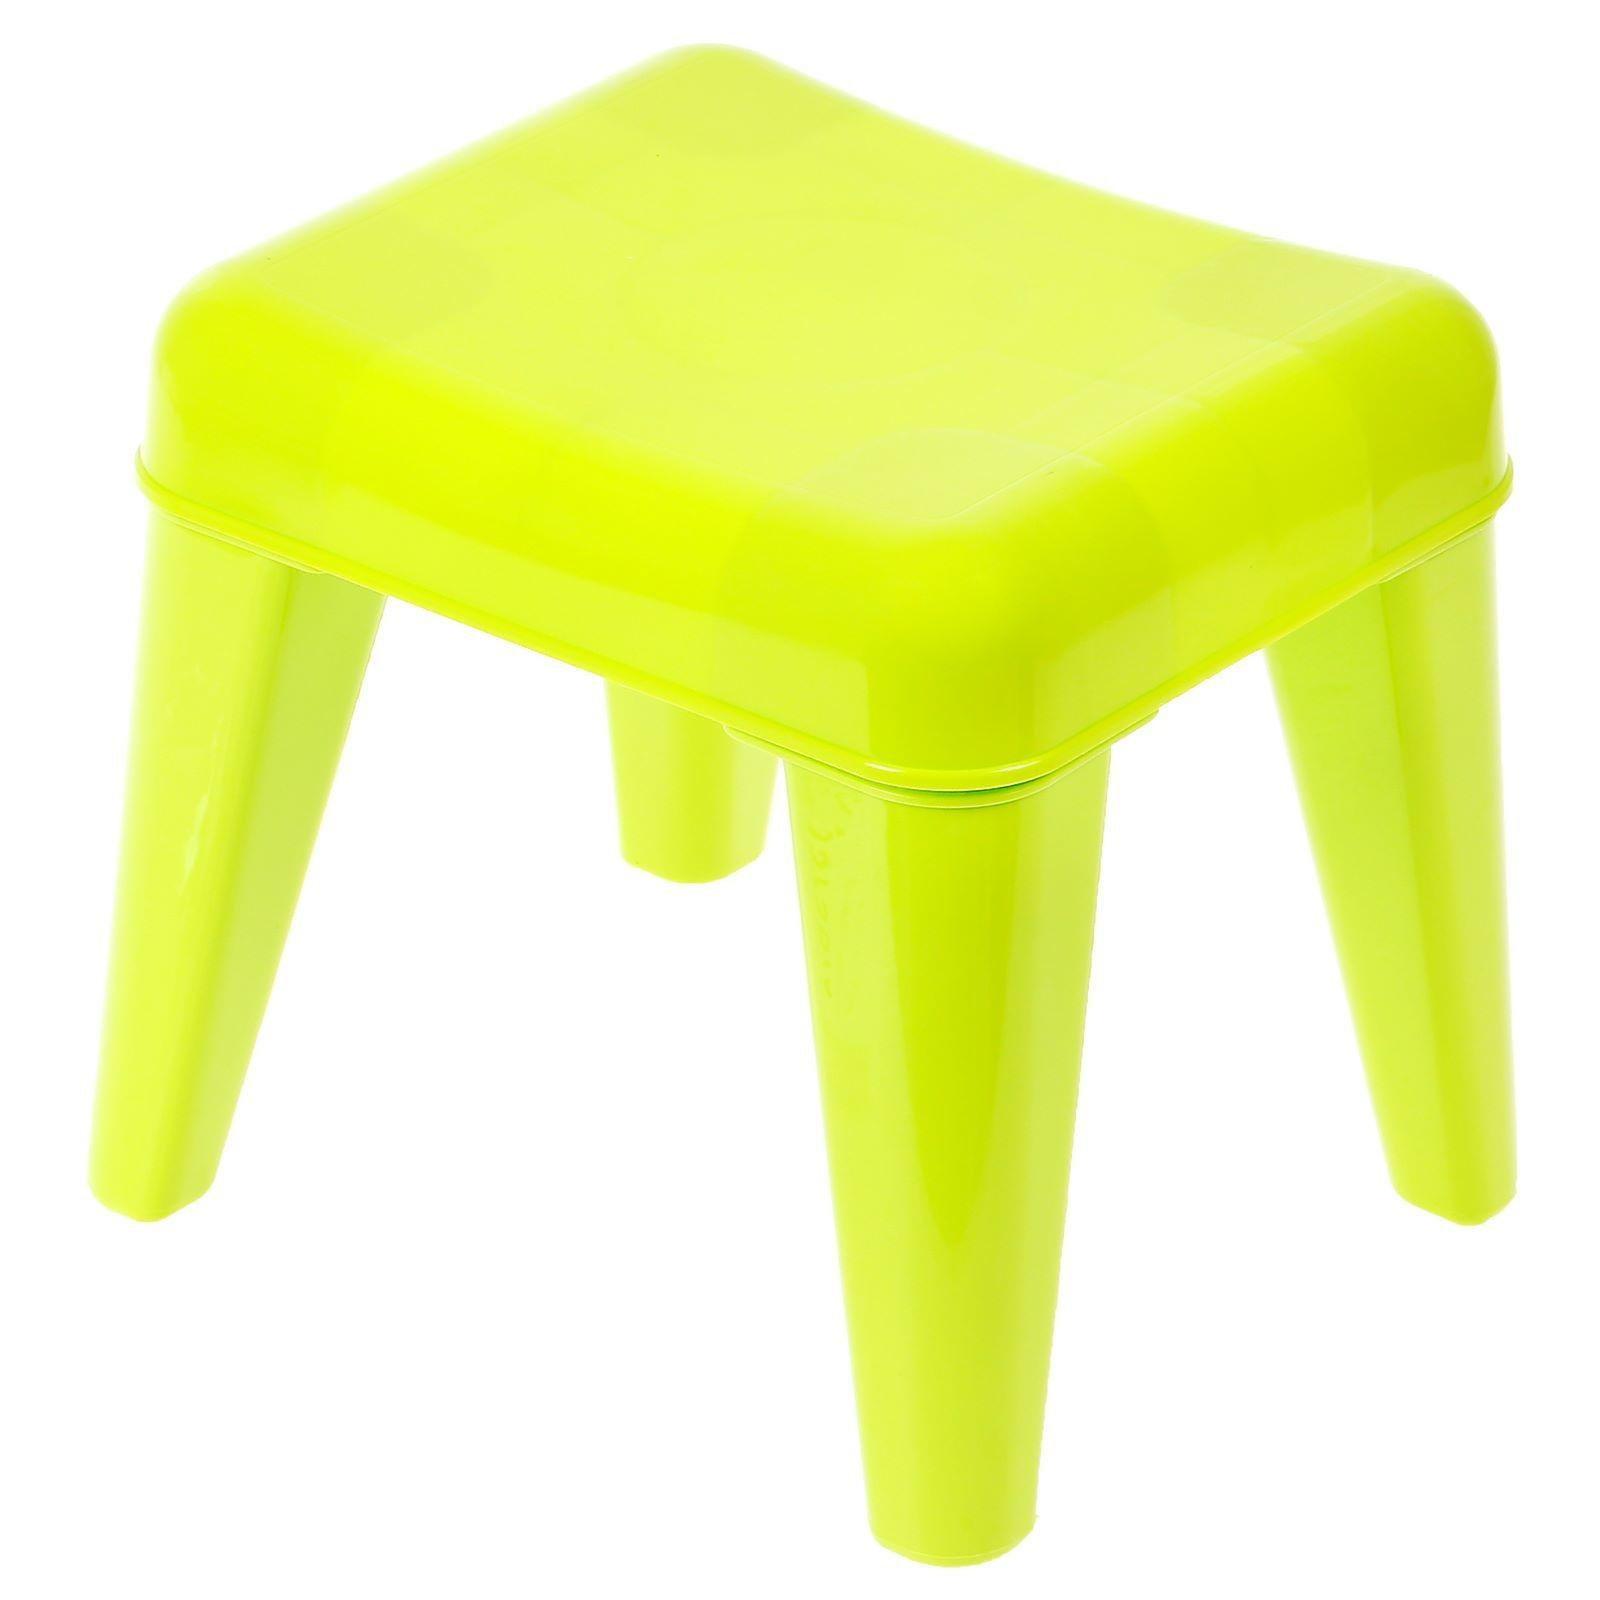 Табурет детский - Я расту, салатовыйИгровые столы и стулья<br>Табурет детский - Я расту, салатовый<br>